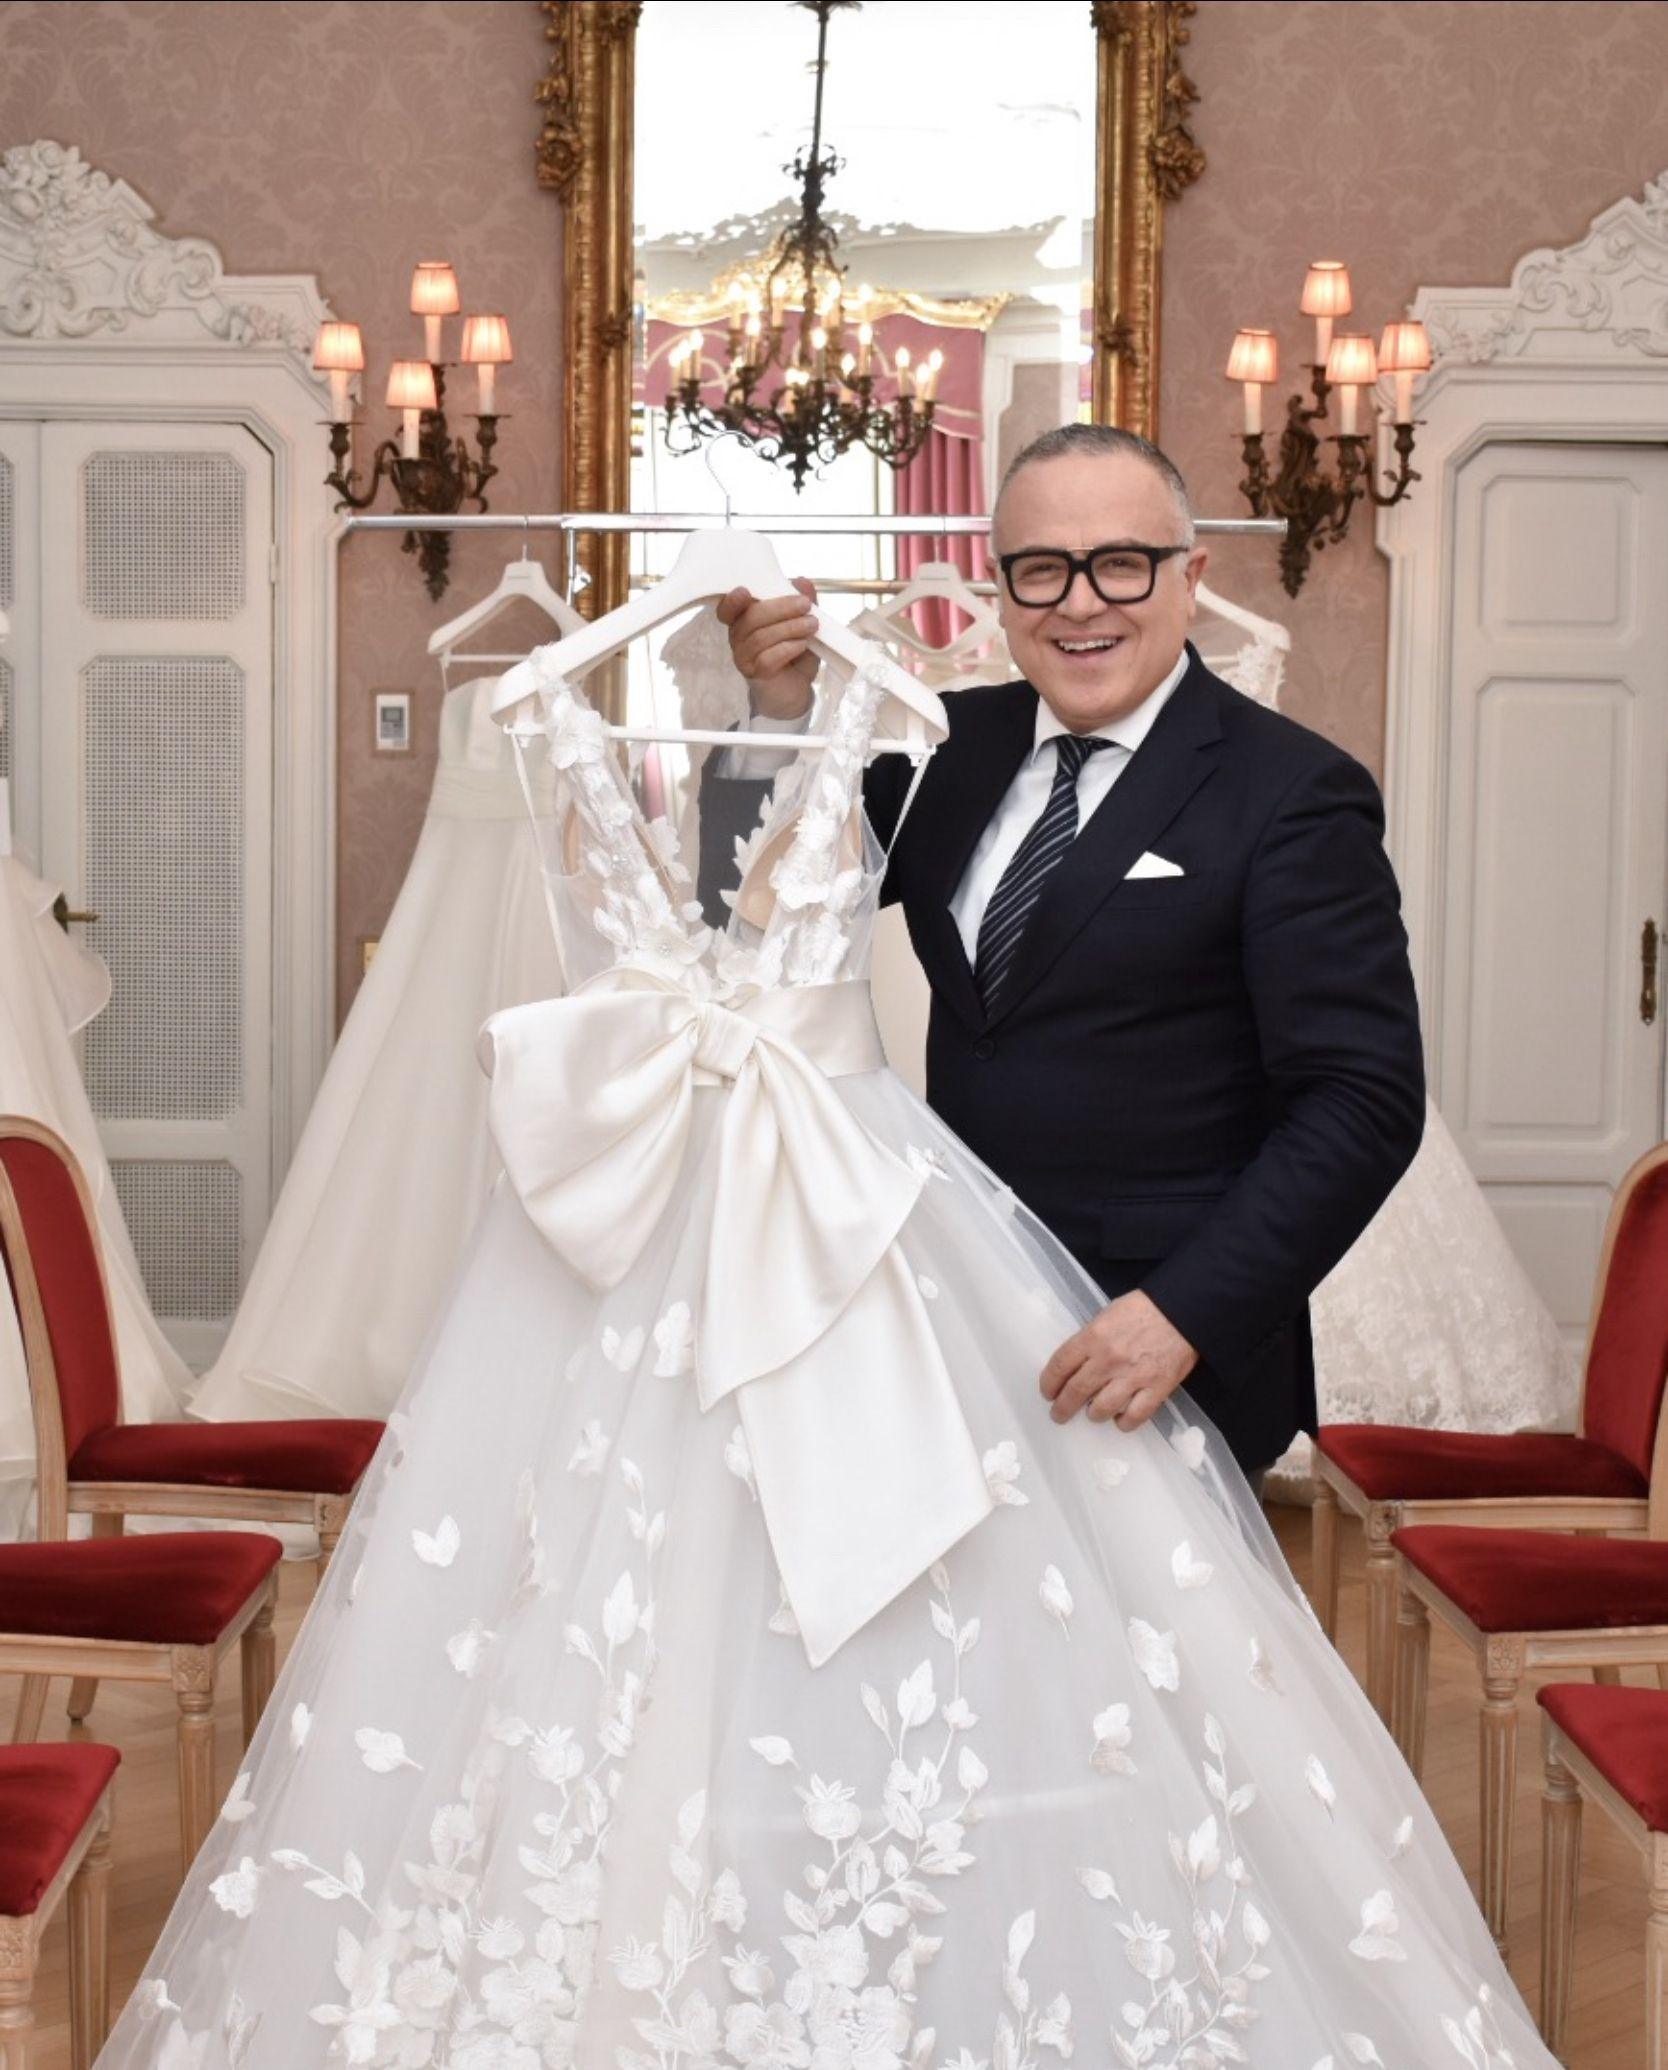 Gli Abiti Da Sposa Piu Belli Sono Firmati Stefano Blandaleone Alta Moda Sposa Italiana Abiti Da Sposa Abito Per Damigella Sposa